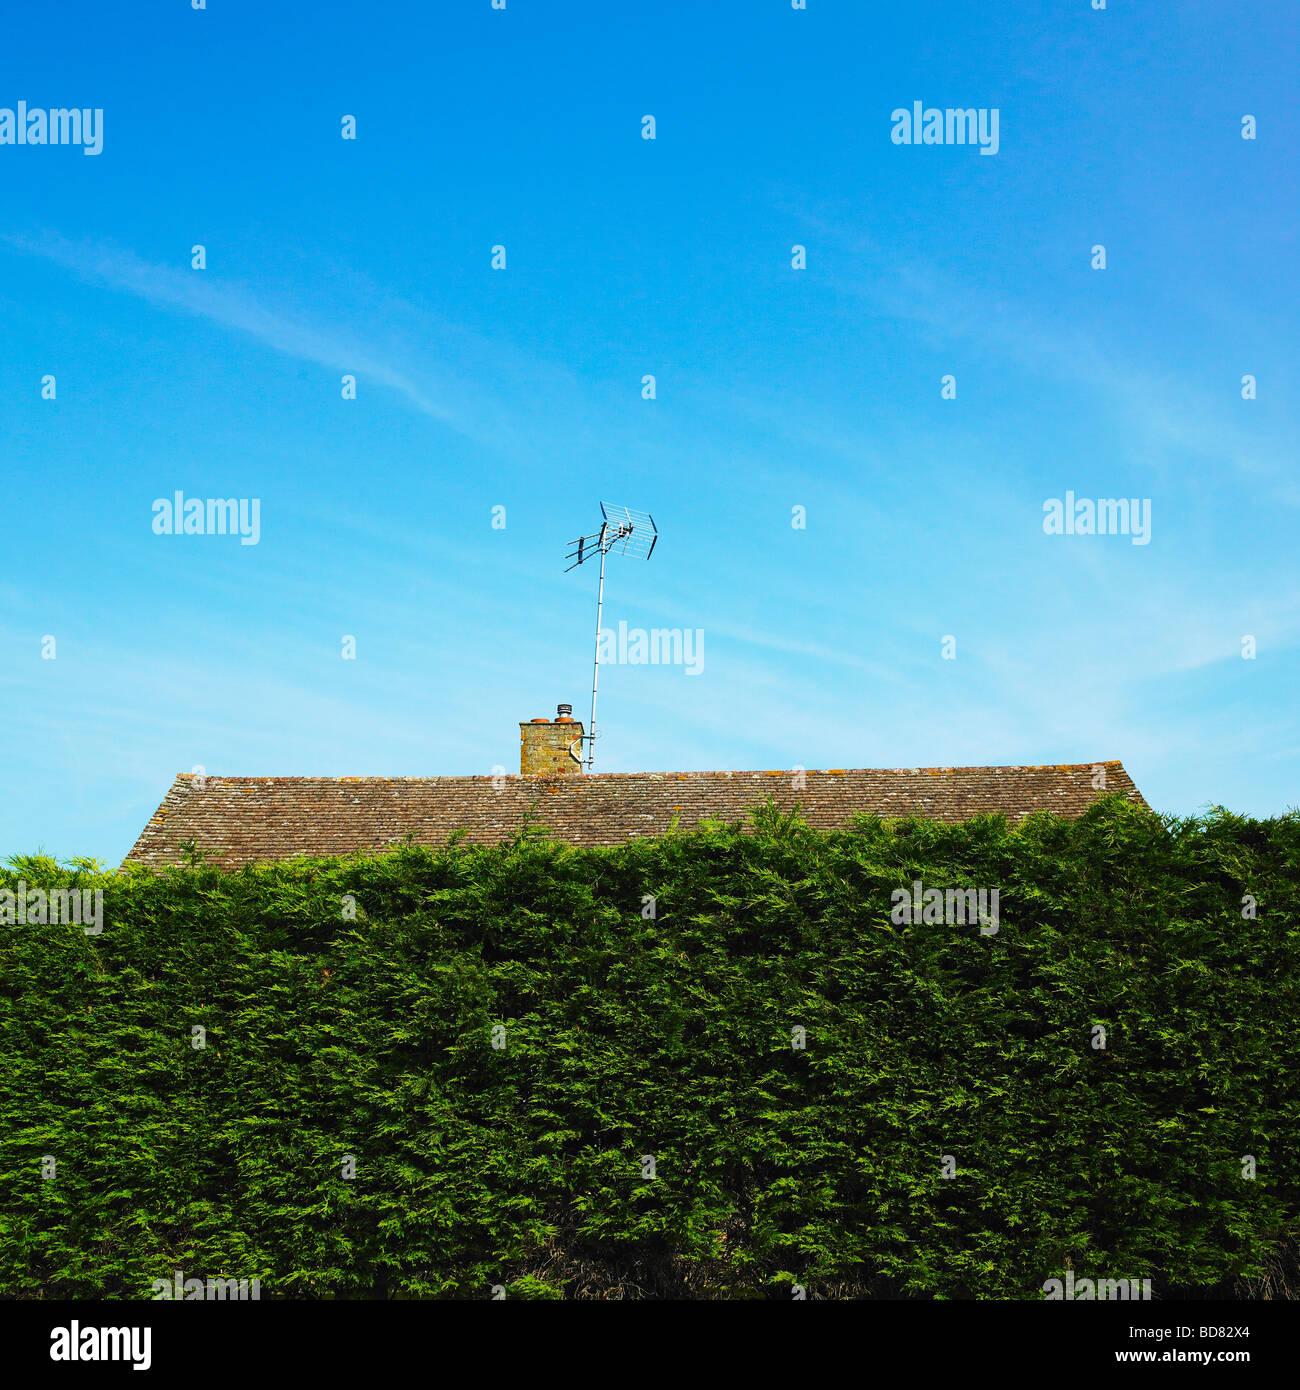 Dach und TV-Antenne versteckt hinter einer hohen Hecke. Stockbild